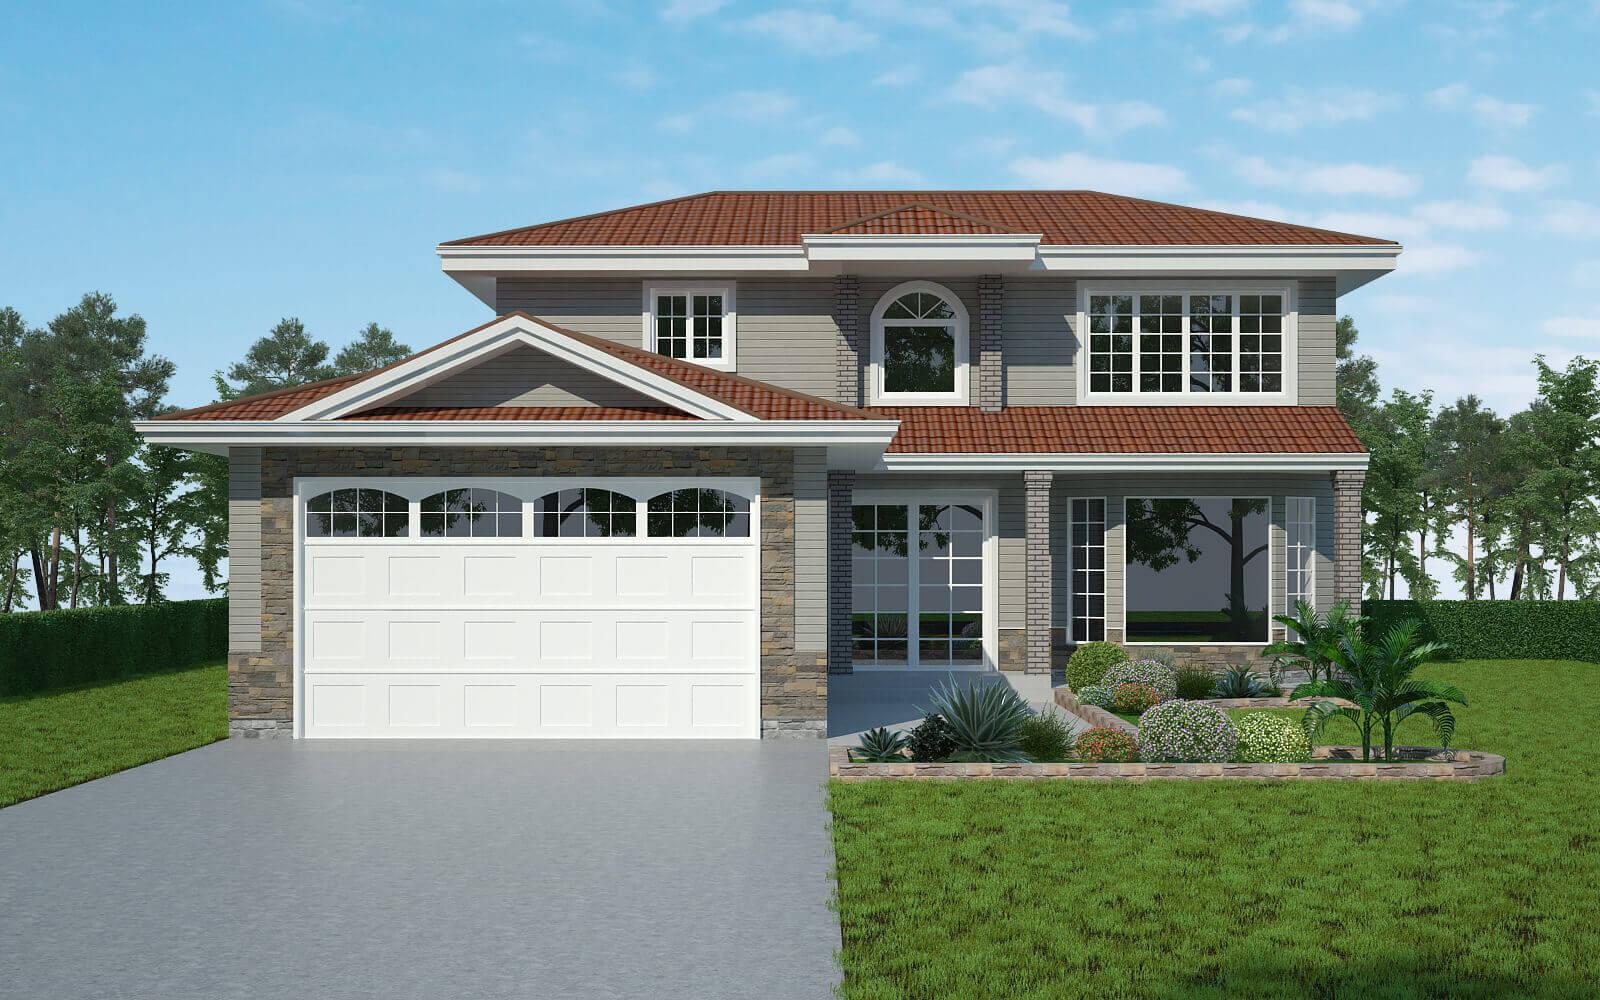 3d Exterior Home House Design Services - Architizer